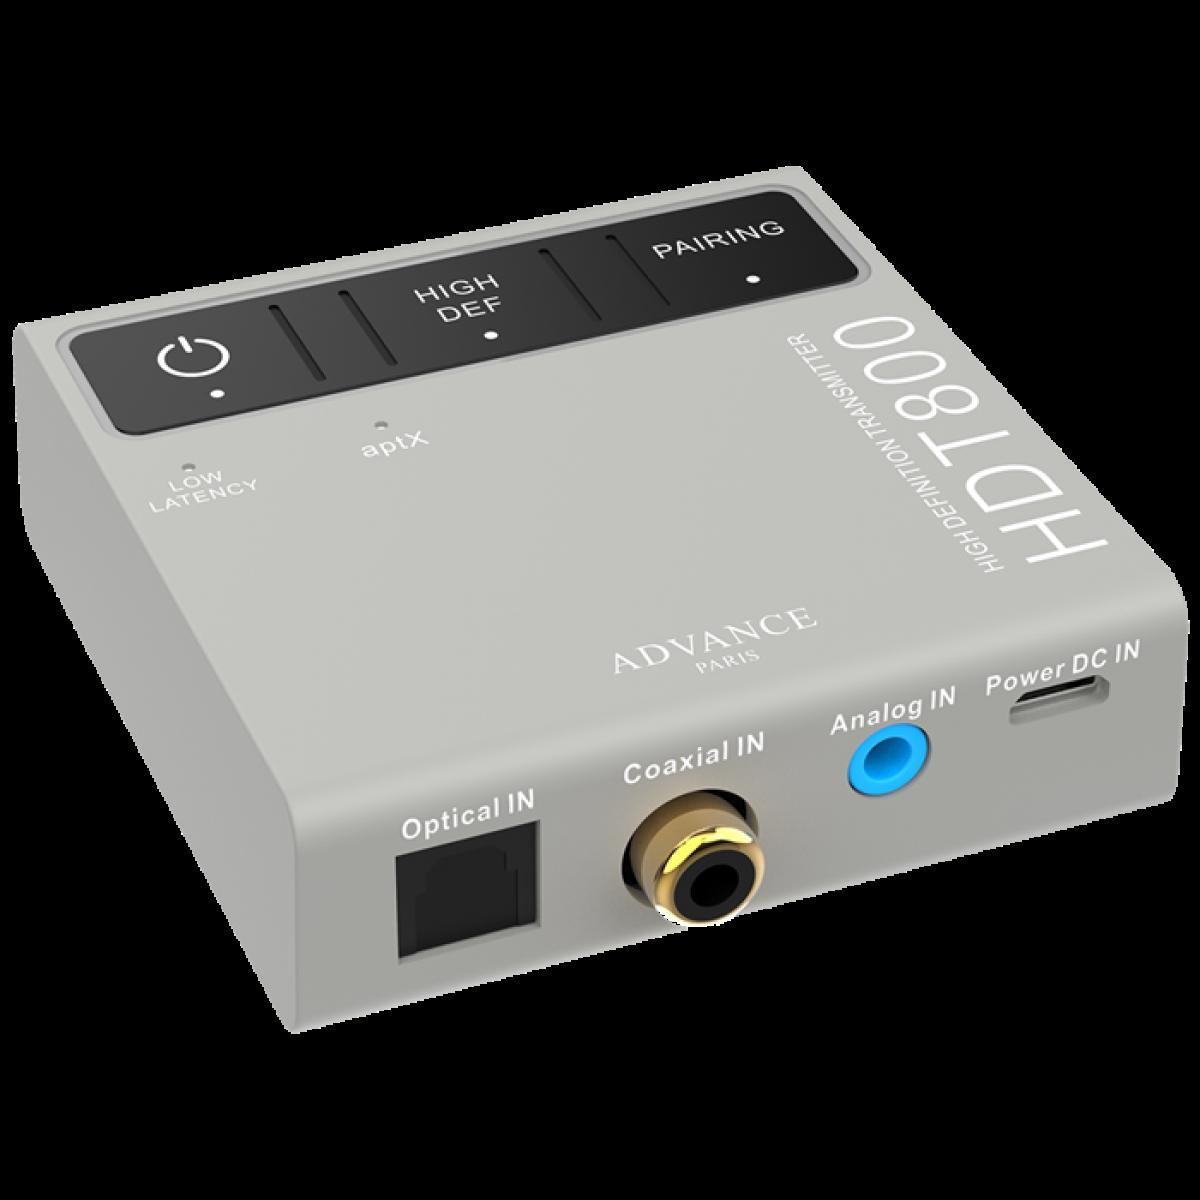 Advance HDT800